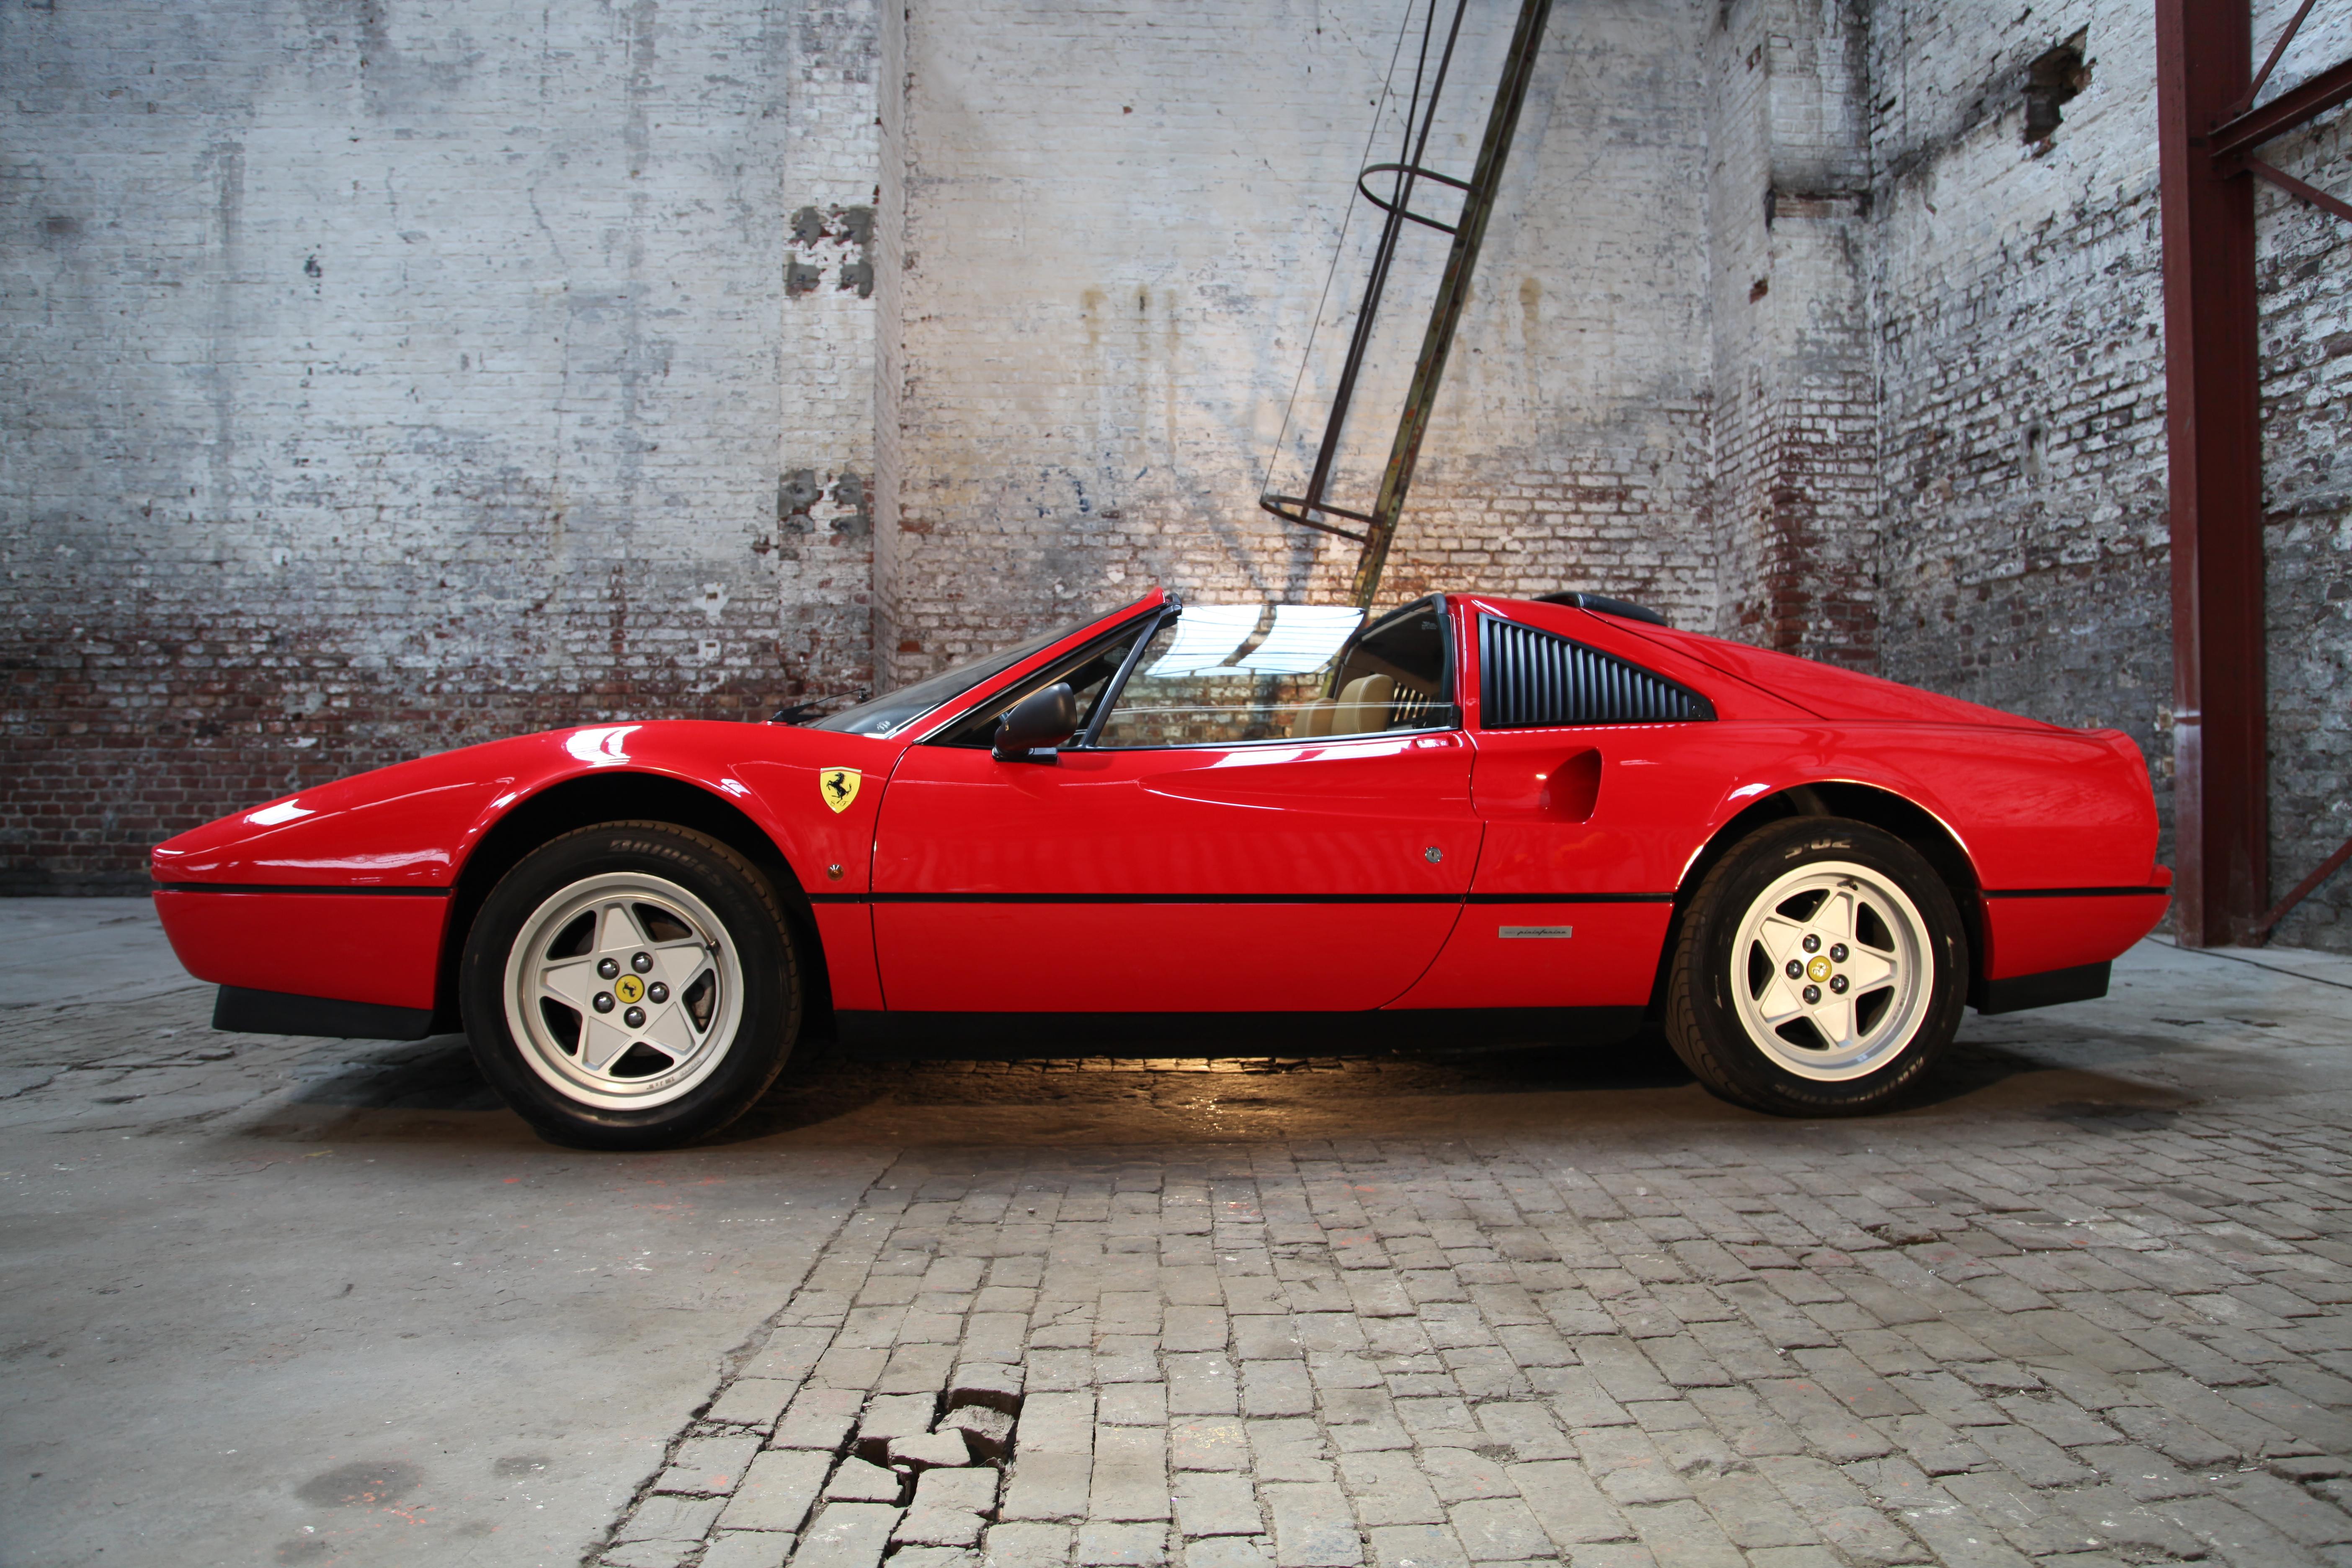 Ferrari 328 Gts Scuderia Sportiva Colonia